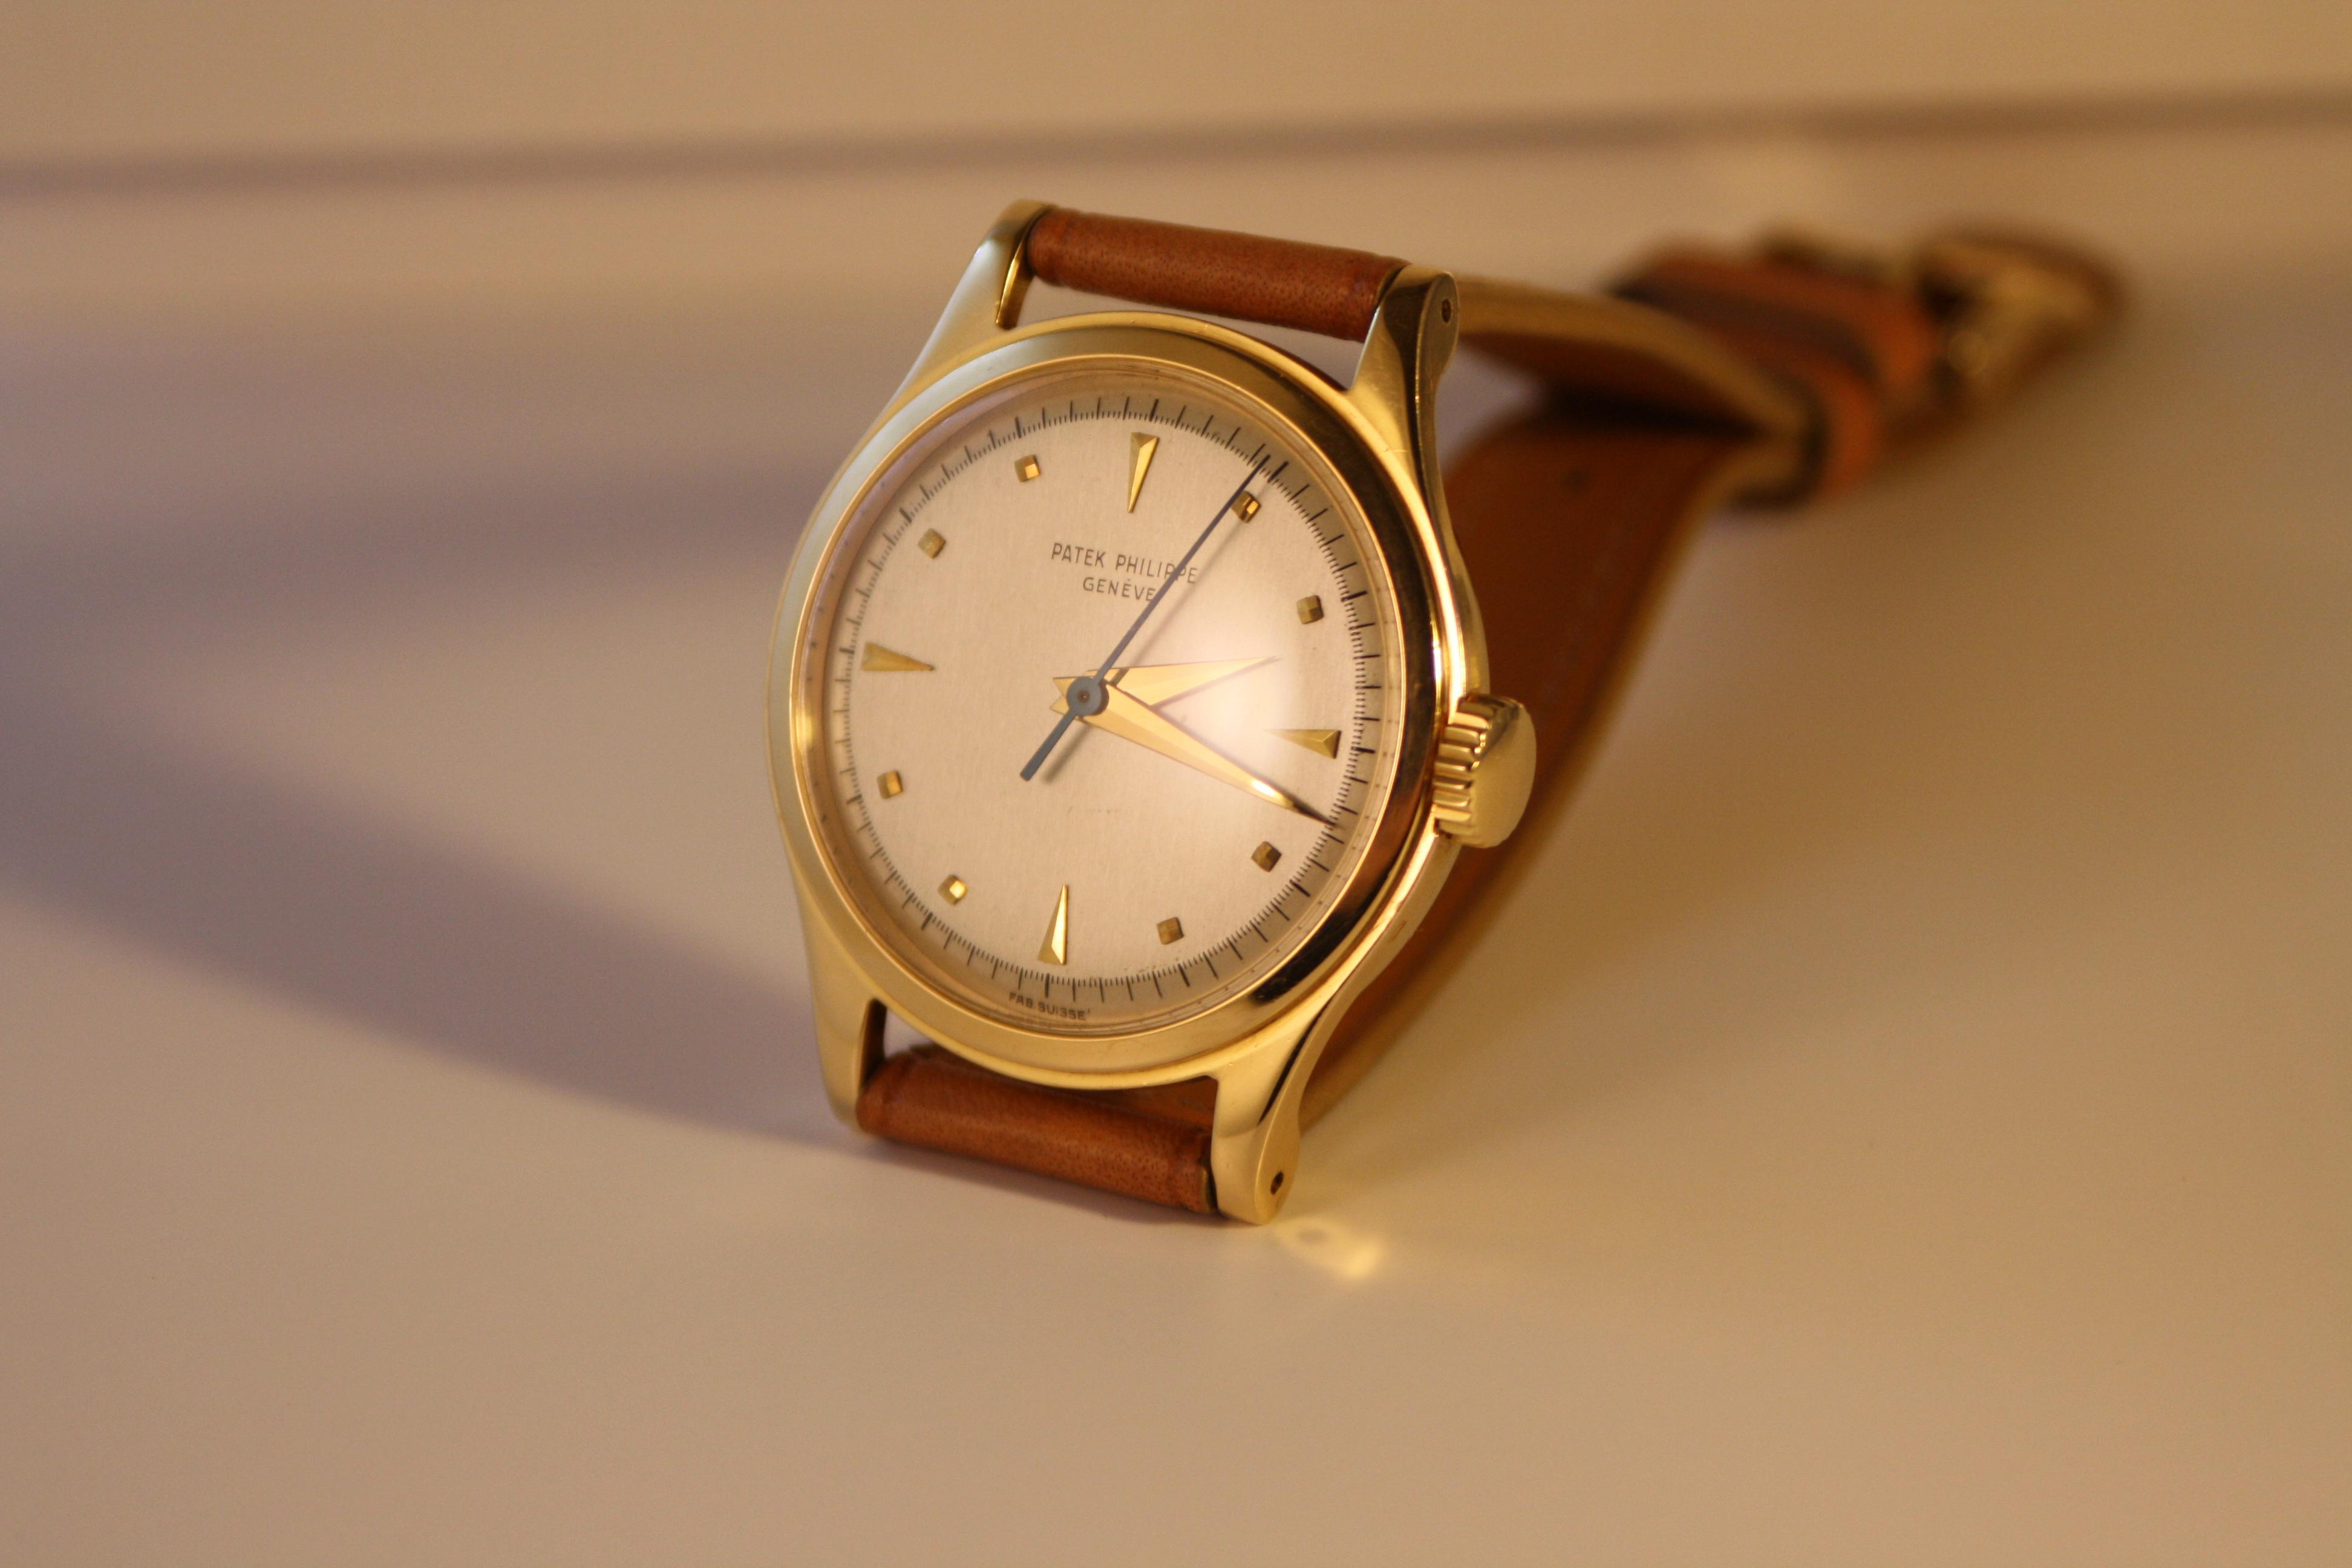 Patek Philippe horloge verkopen